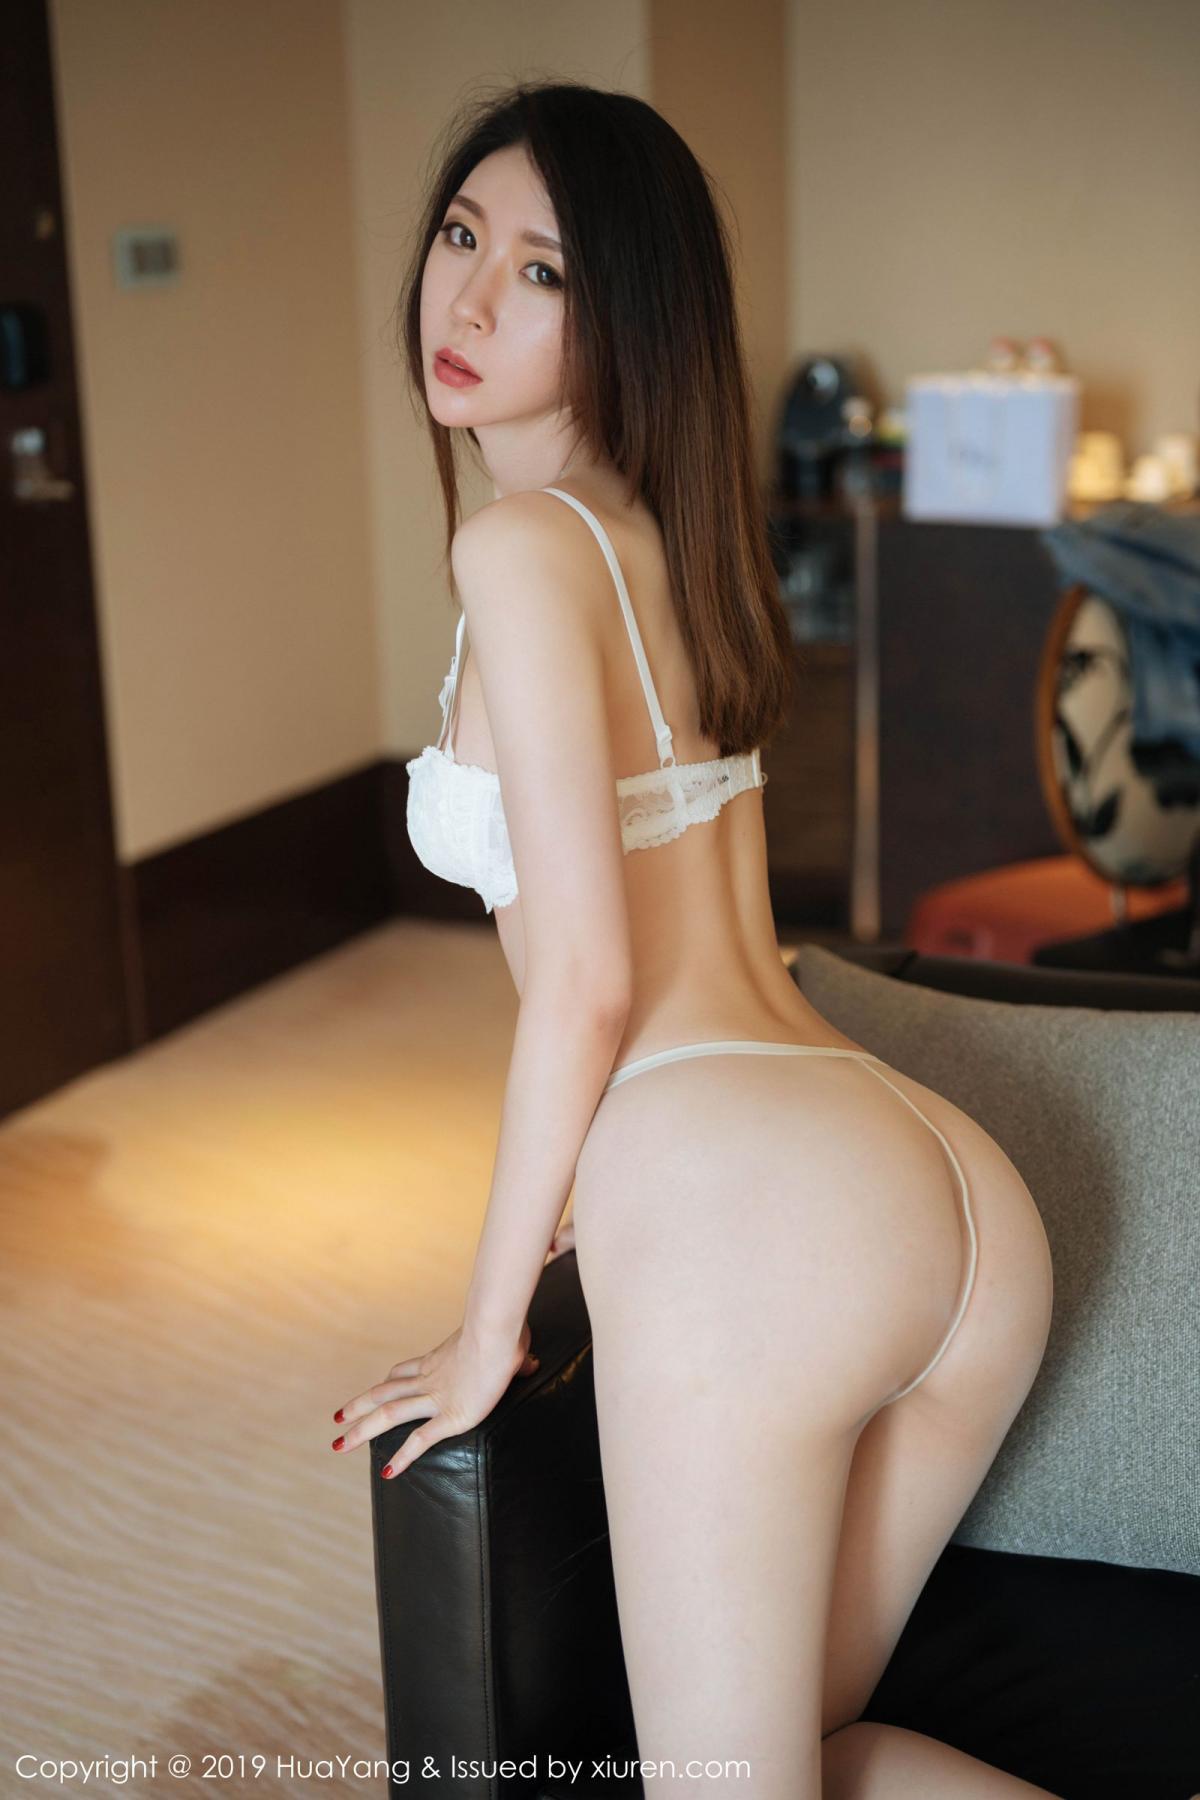 [Huayang] Vol.170 Meng Xin Yue 14P, HuaYang, Meng Xin Yue, Tall, Underwear